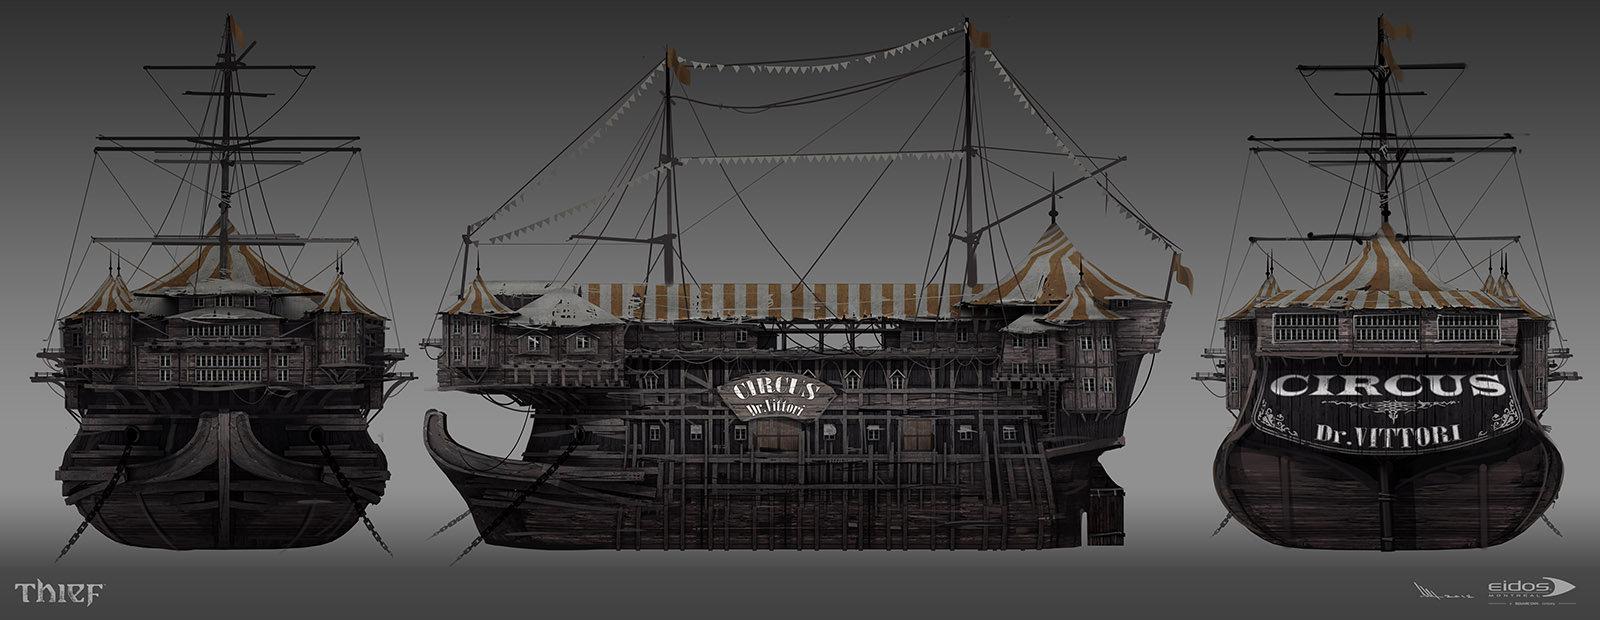 Mathieu latour duhaime vitorri circus model sheet 2012s